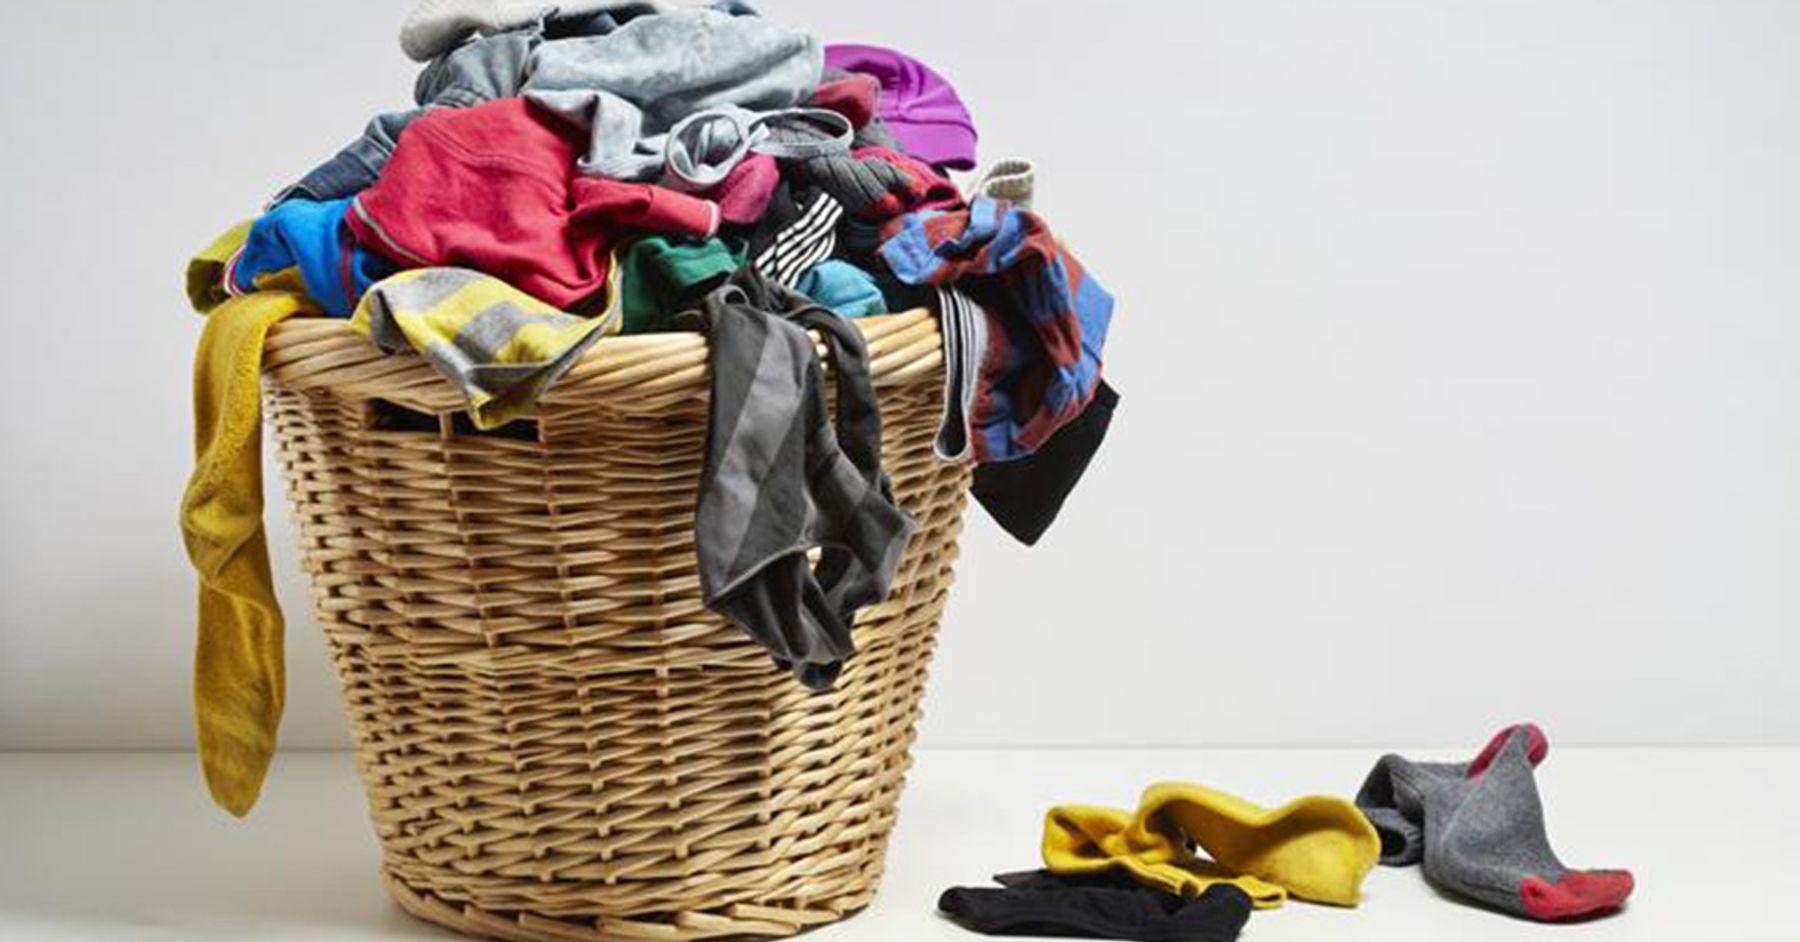 Bạn nên lộn trái quần áo để giặt giúp hạn chế tình trạng ra màu